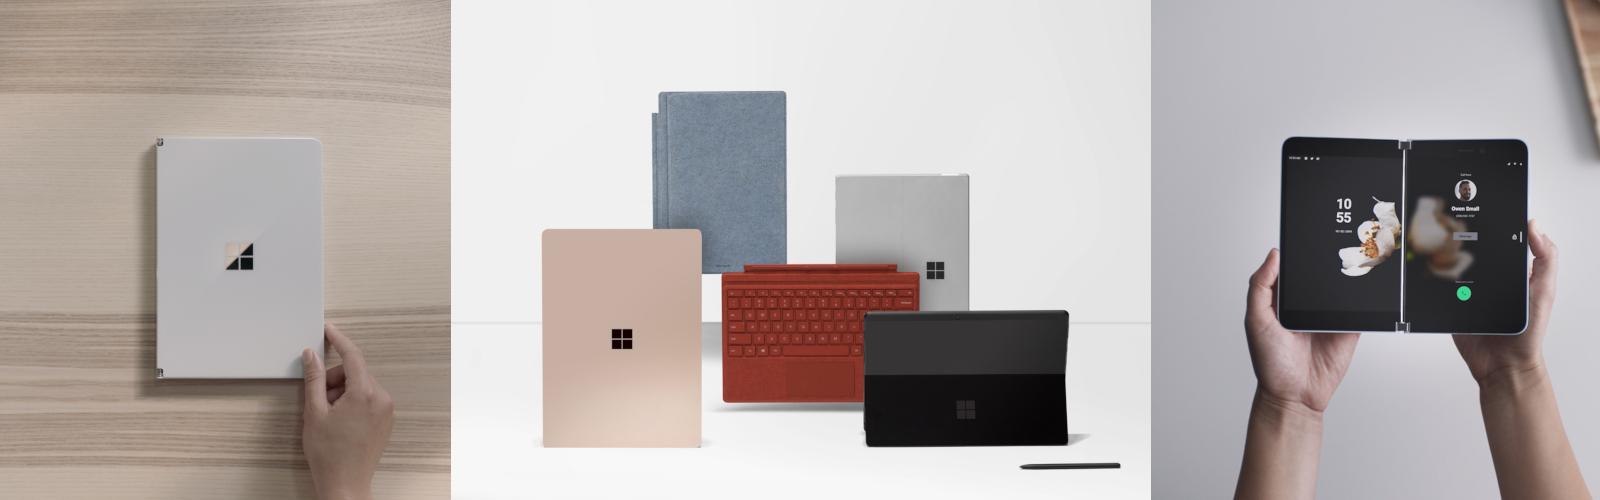 Verschiedene Bilder zeigen die neuen Surface Devices, wie das Surface Pro 7 oder das Surface Pro X